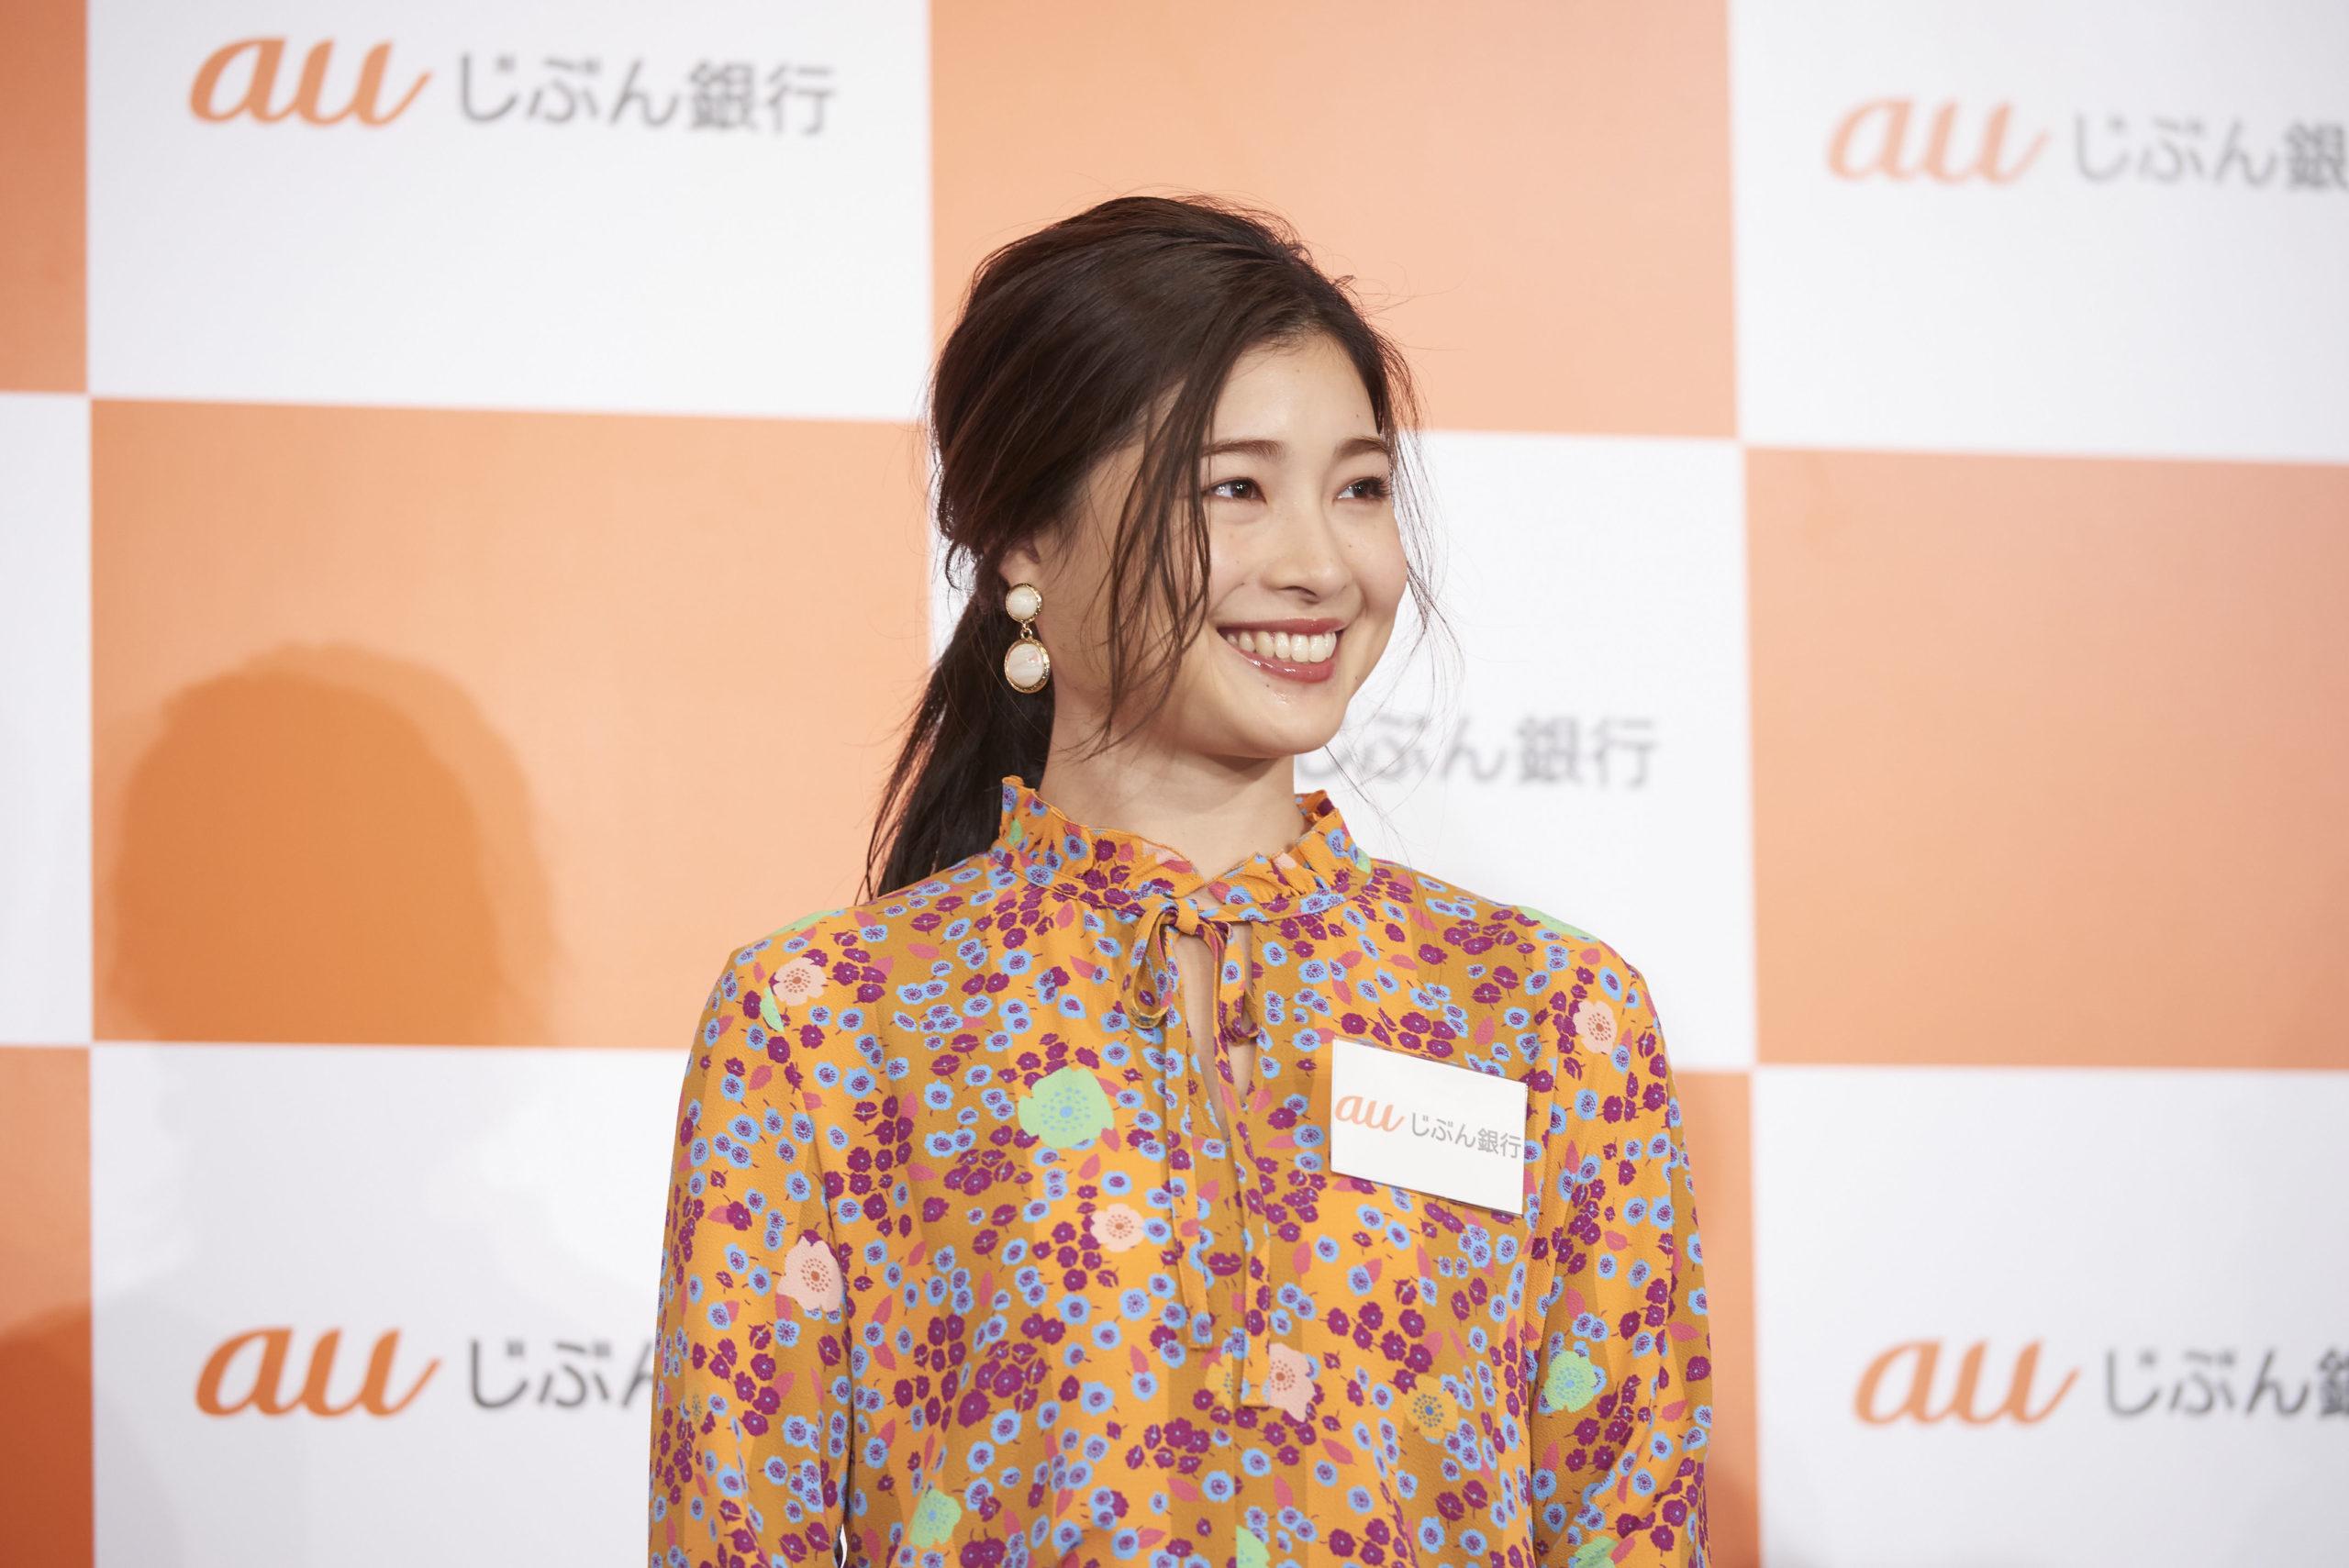 土屋炎伽/2020年2月10日、「auじぶん銀行」行名変更記者説明会にて